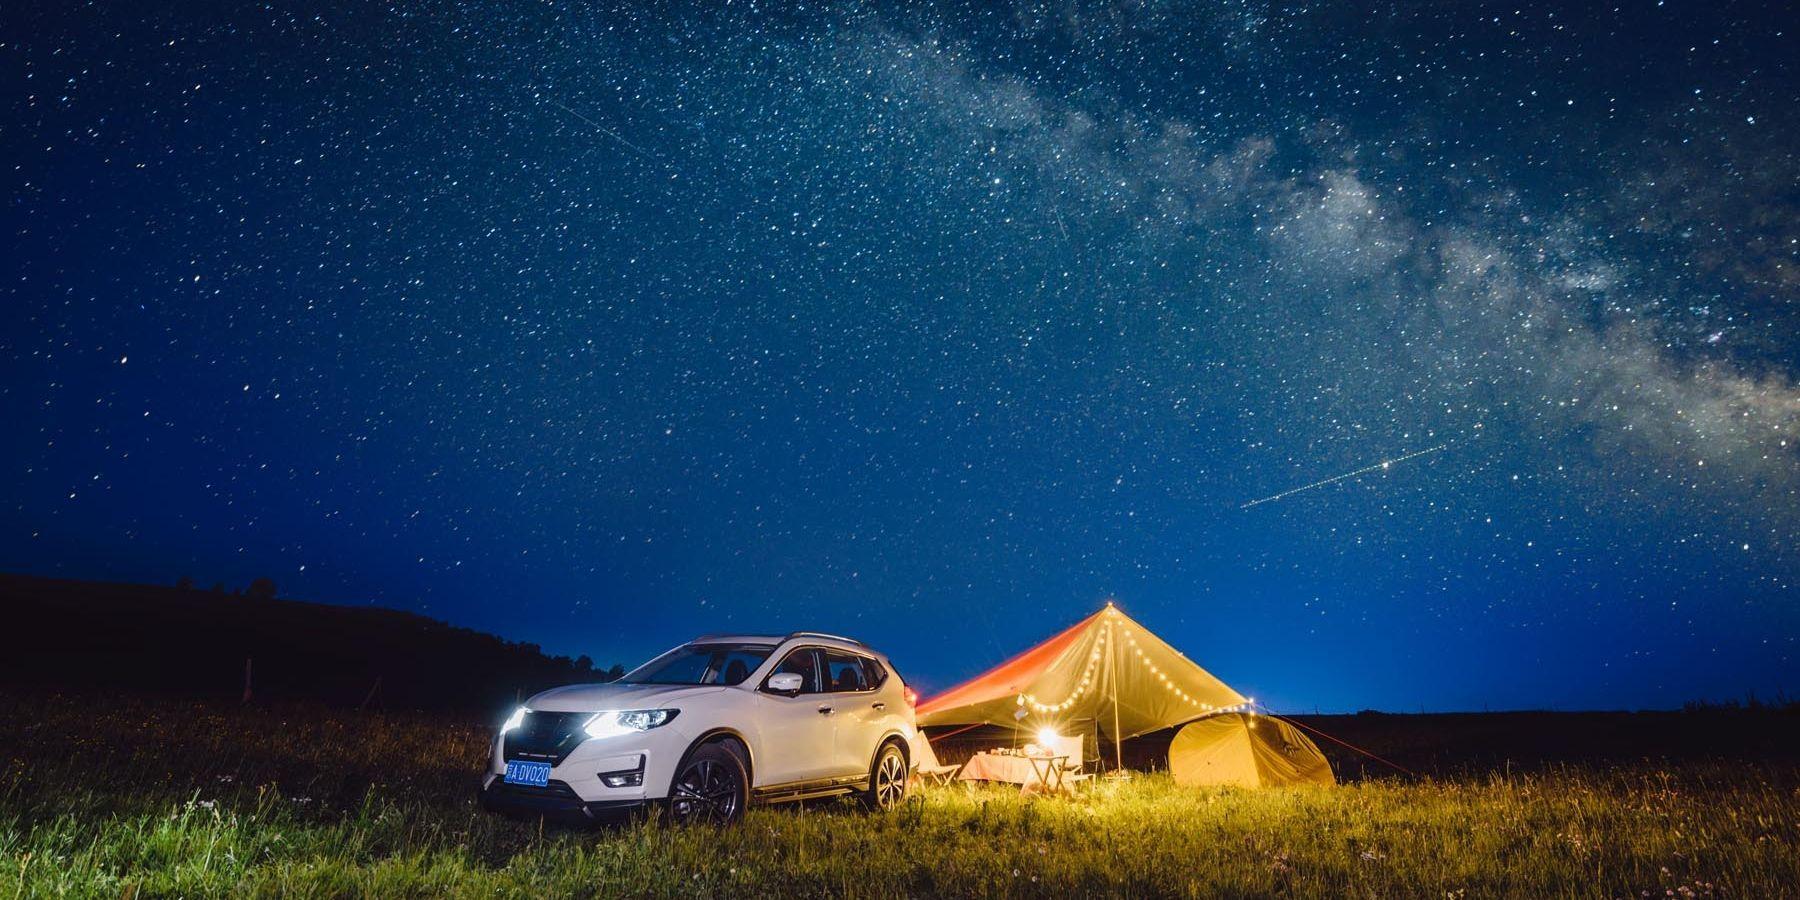 car camping night | Car camping, Camping photo, Camping hacks